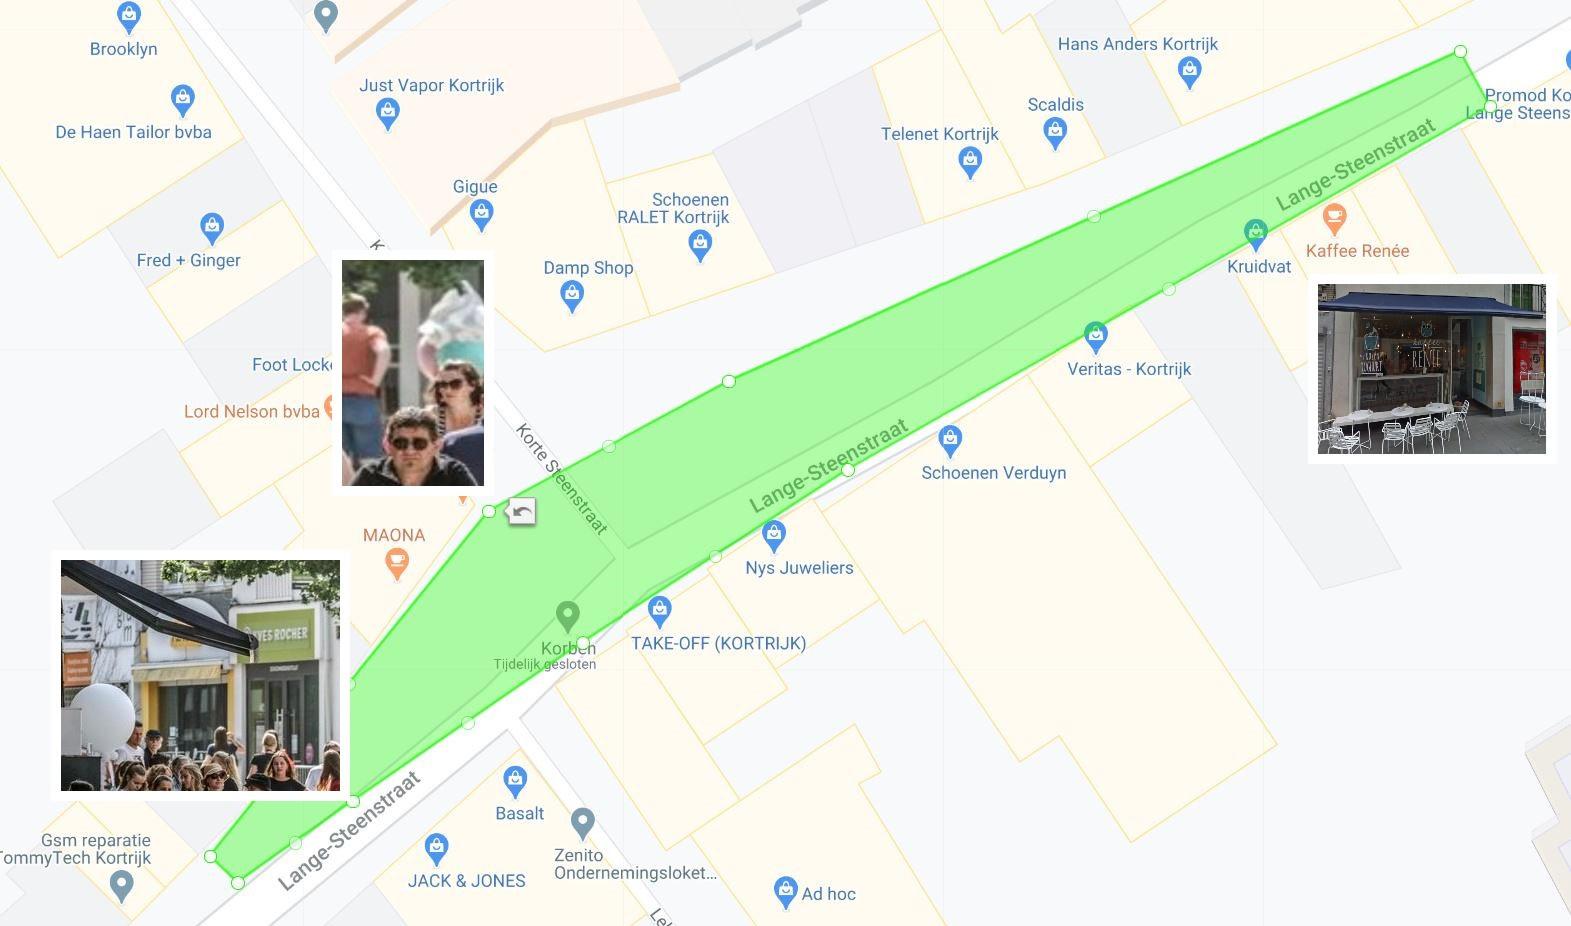 Mapchecking.com/Henk Deleu/Google Streetview